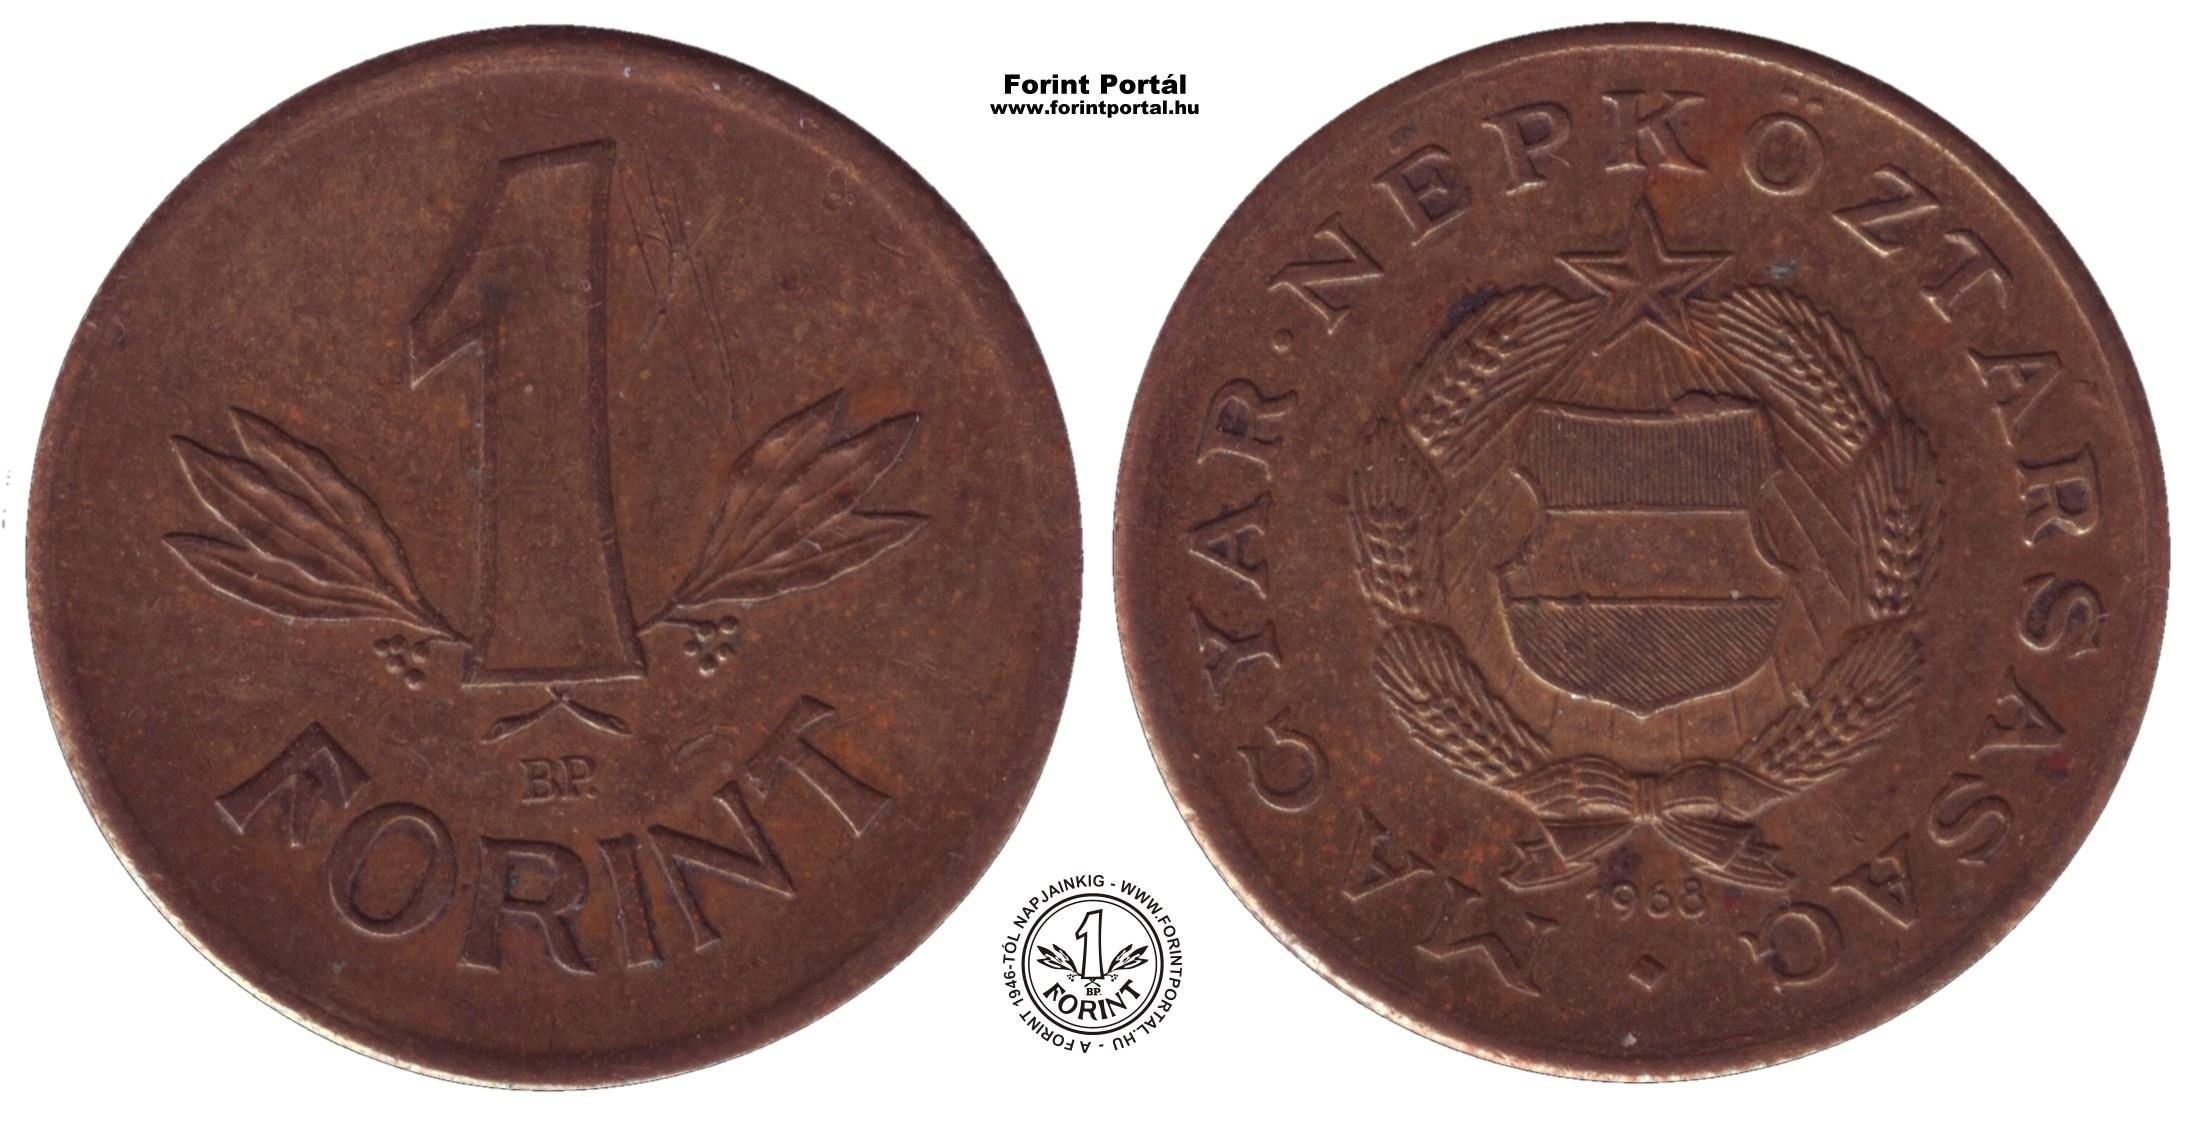 http://www.forintportal.hu/ritkasagkatalogus/1_forint/www_forintportal_hu_1968_1forint_rez.jpg